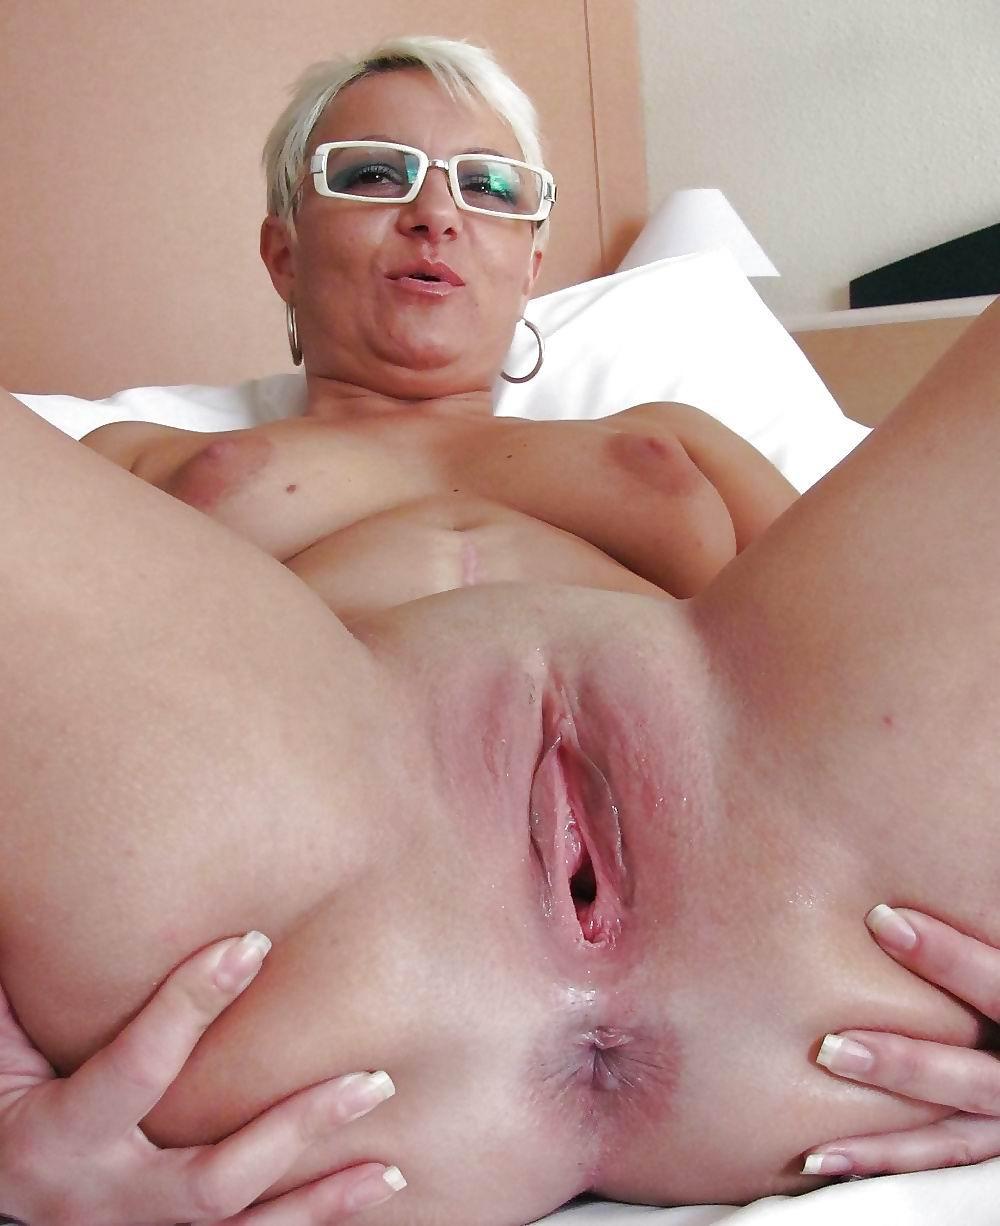 big pussy grannies - zverimix.eu